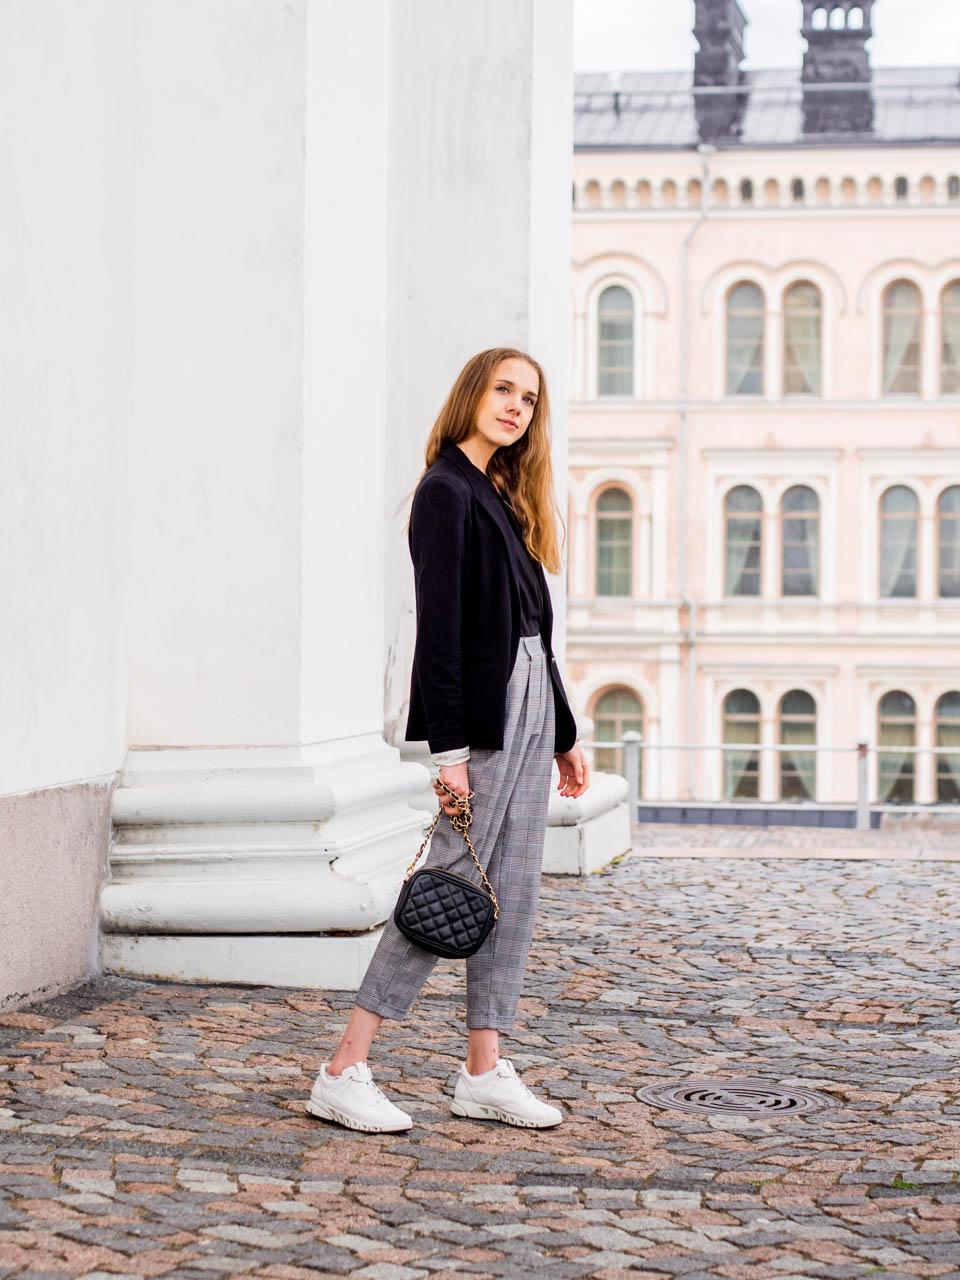 autumn-shoes-2019-ecco-multi-vent-w-syksy-muoti-kengät